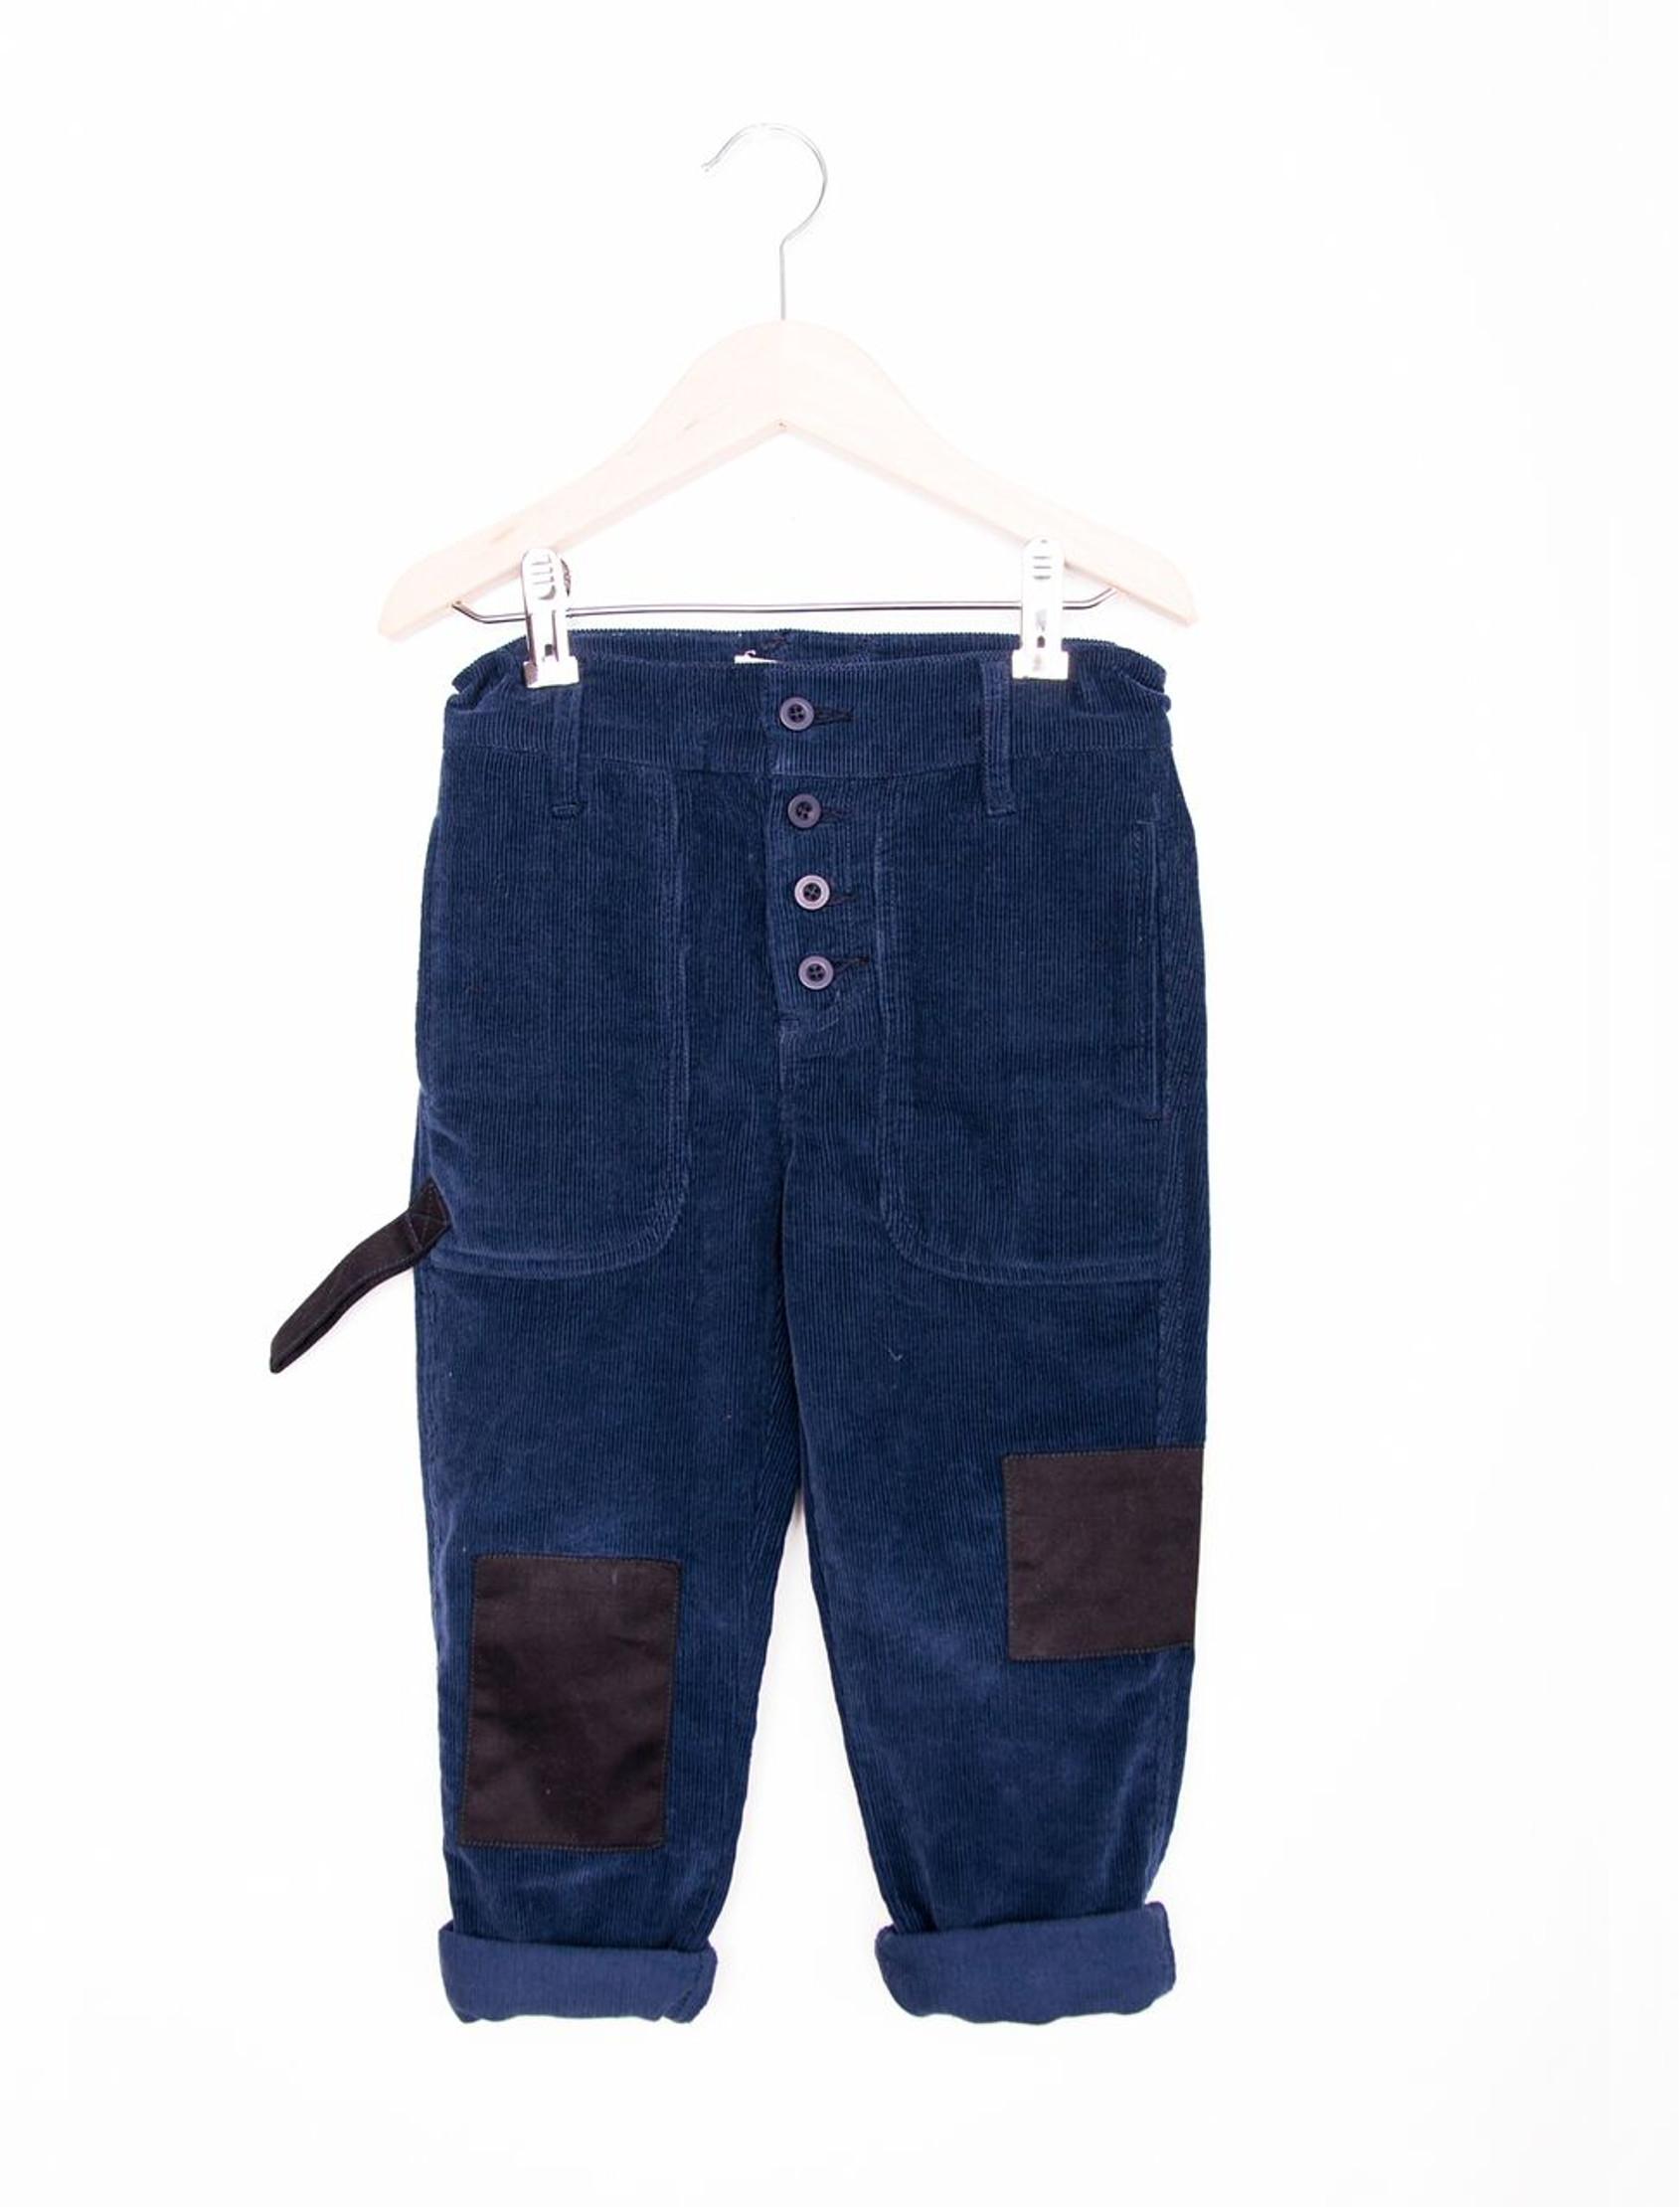 Pantalon pana Nadadelazos_01